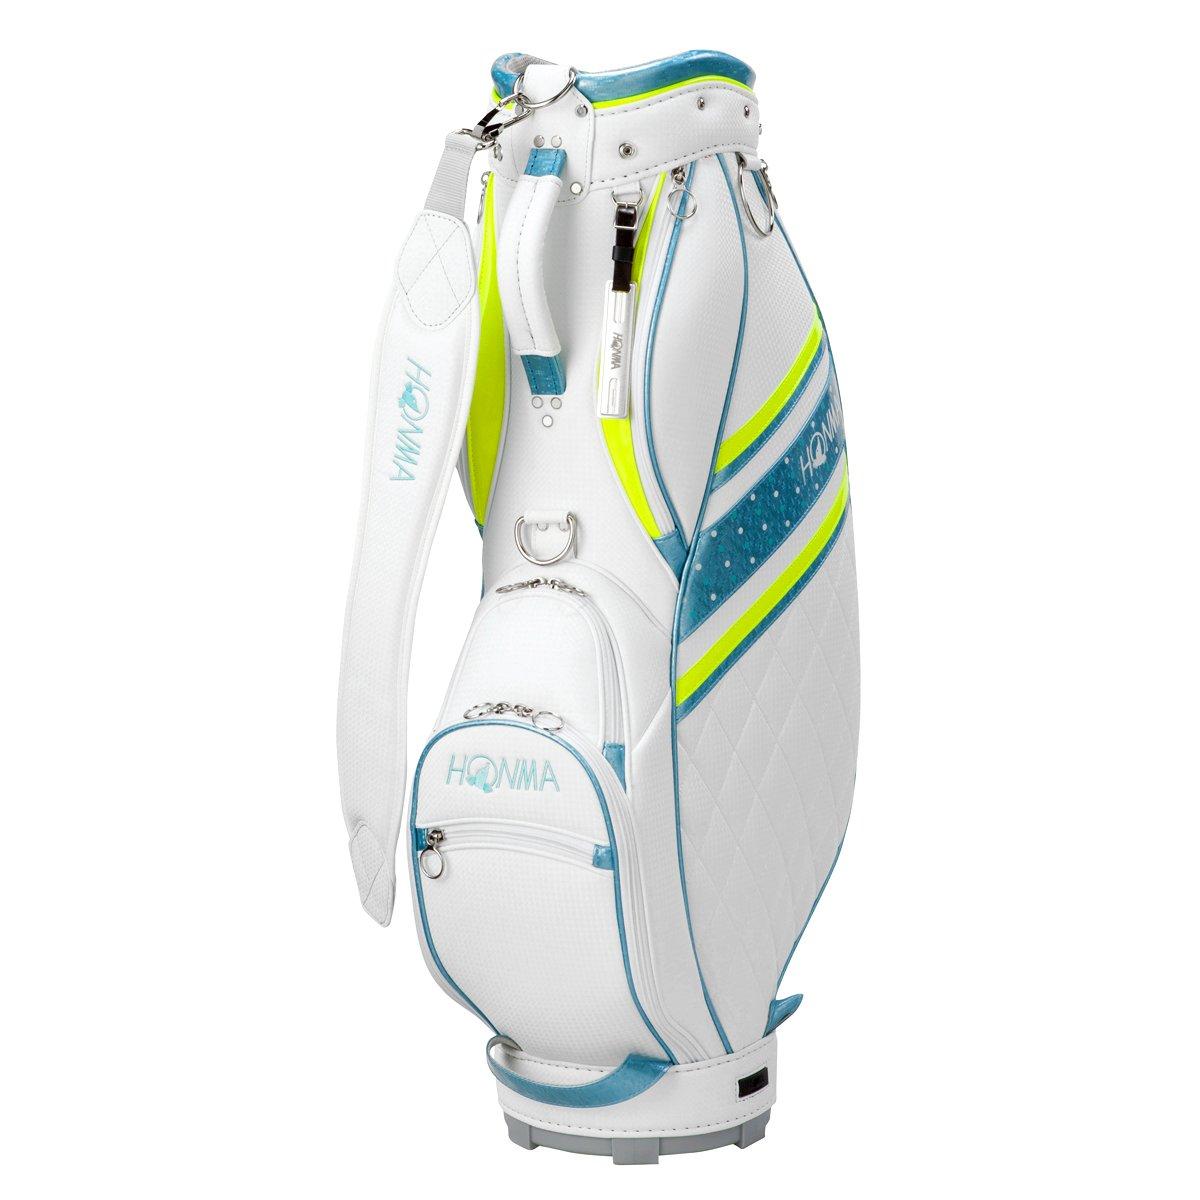 本間ゴルフ キャディーバッグ HONMA レディース キャディバッグ 8.5型 47インチ対応 ホワイト カジュアルモデル CB-6701 ホワイト B0749G38CJ